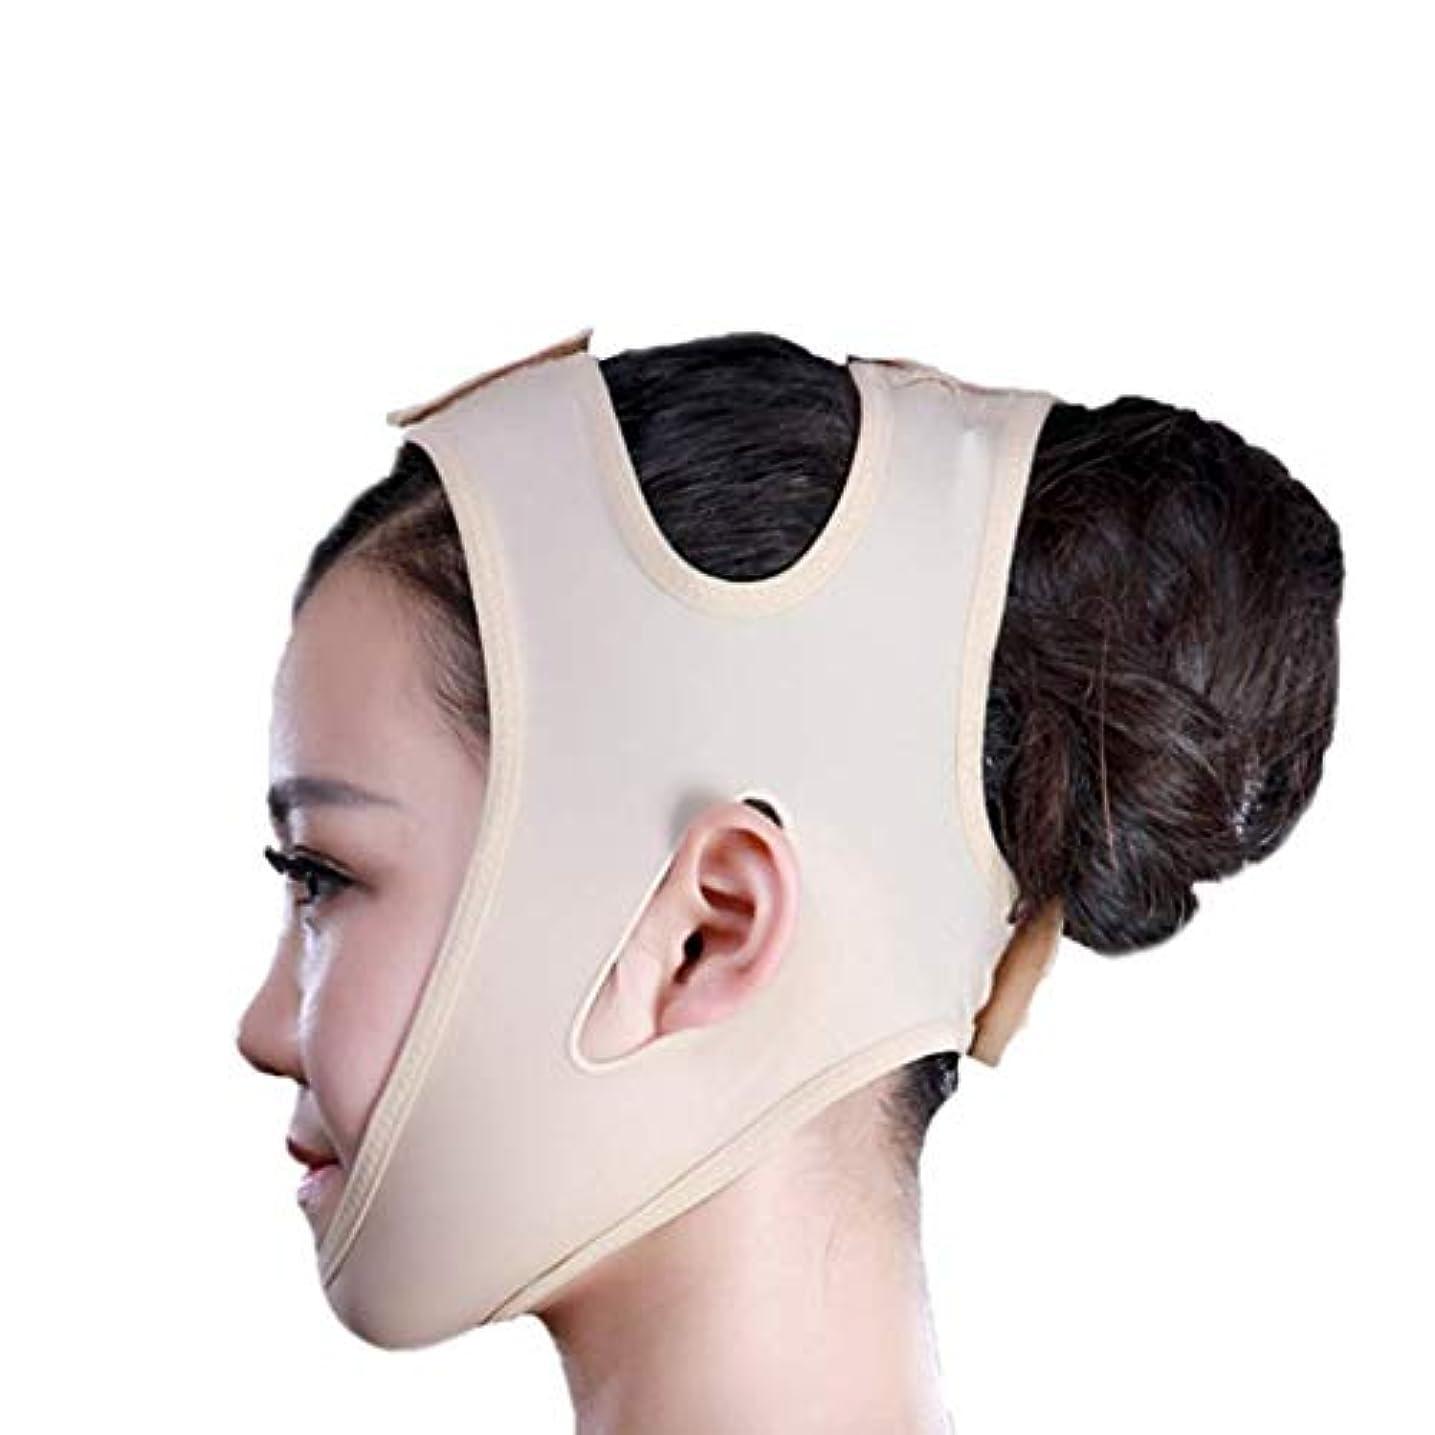 チョコレート入り口メディアフェイススリミングマスク、快適さと通気性、フェイシャルリフティング、輪郭の改善された硬さ、ファーミングとリフティングフェイス(カラー:ブラック、サイズ:XL),黄色がかったピンク、XXL